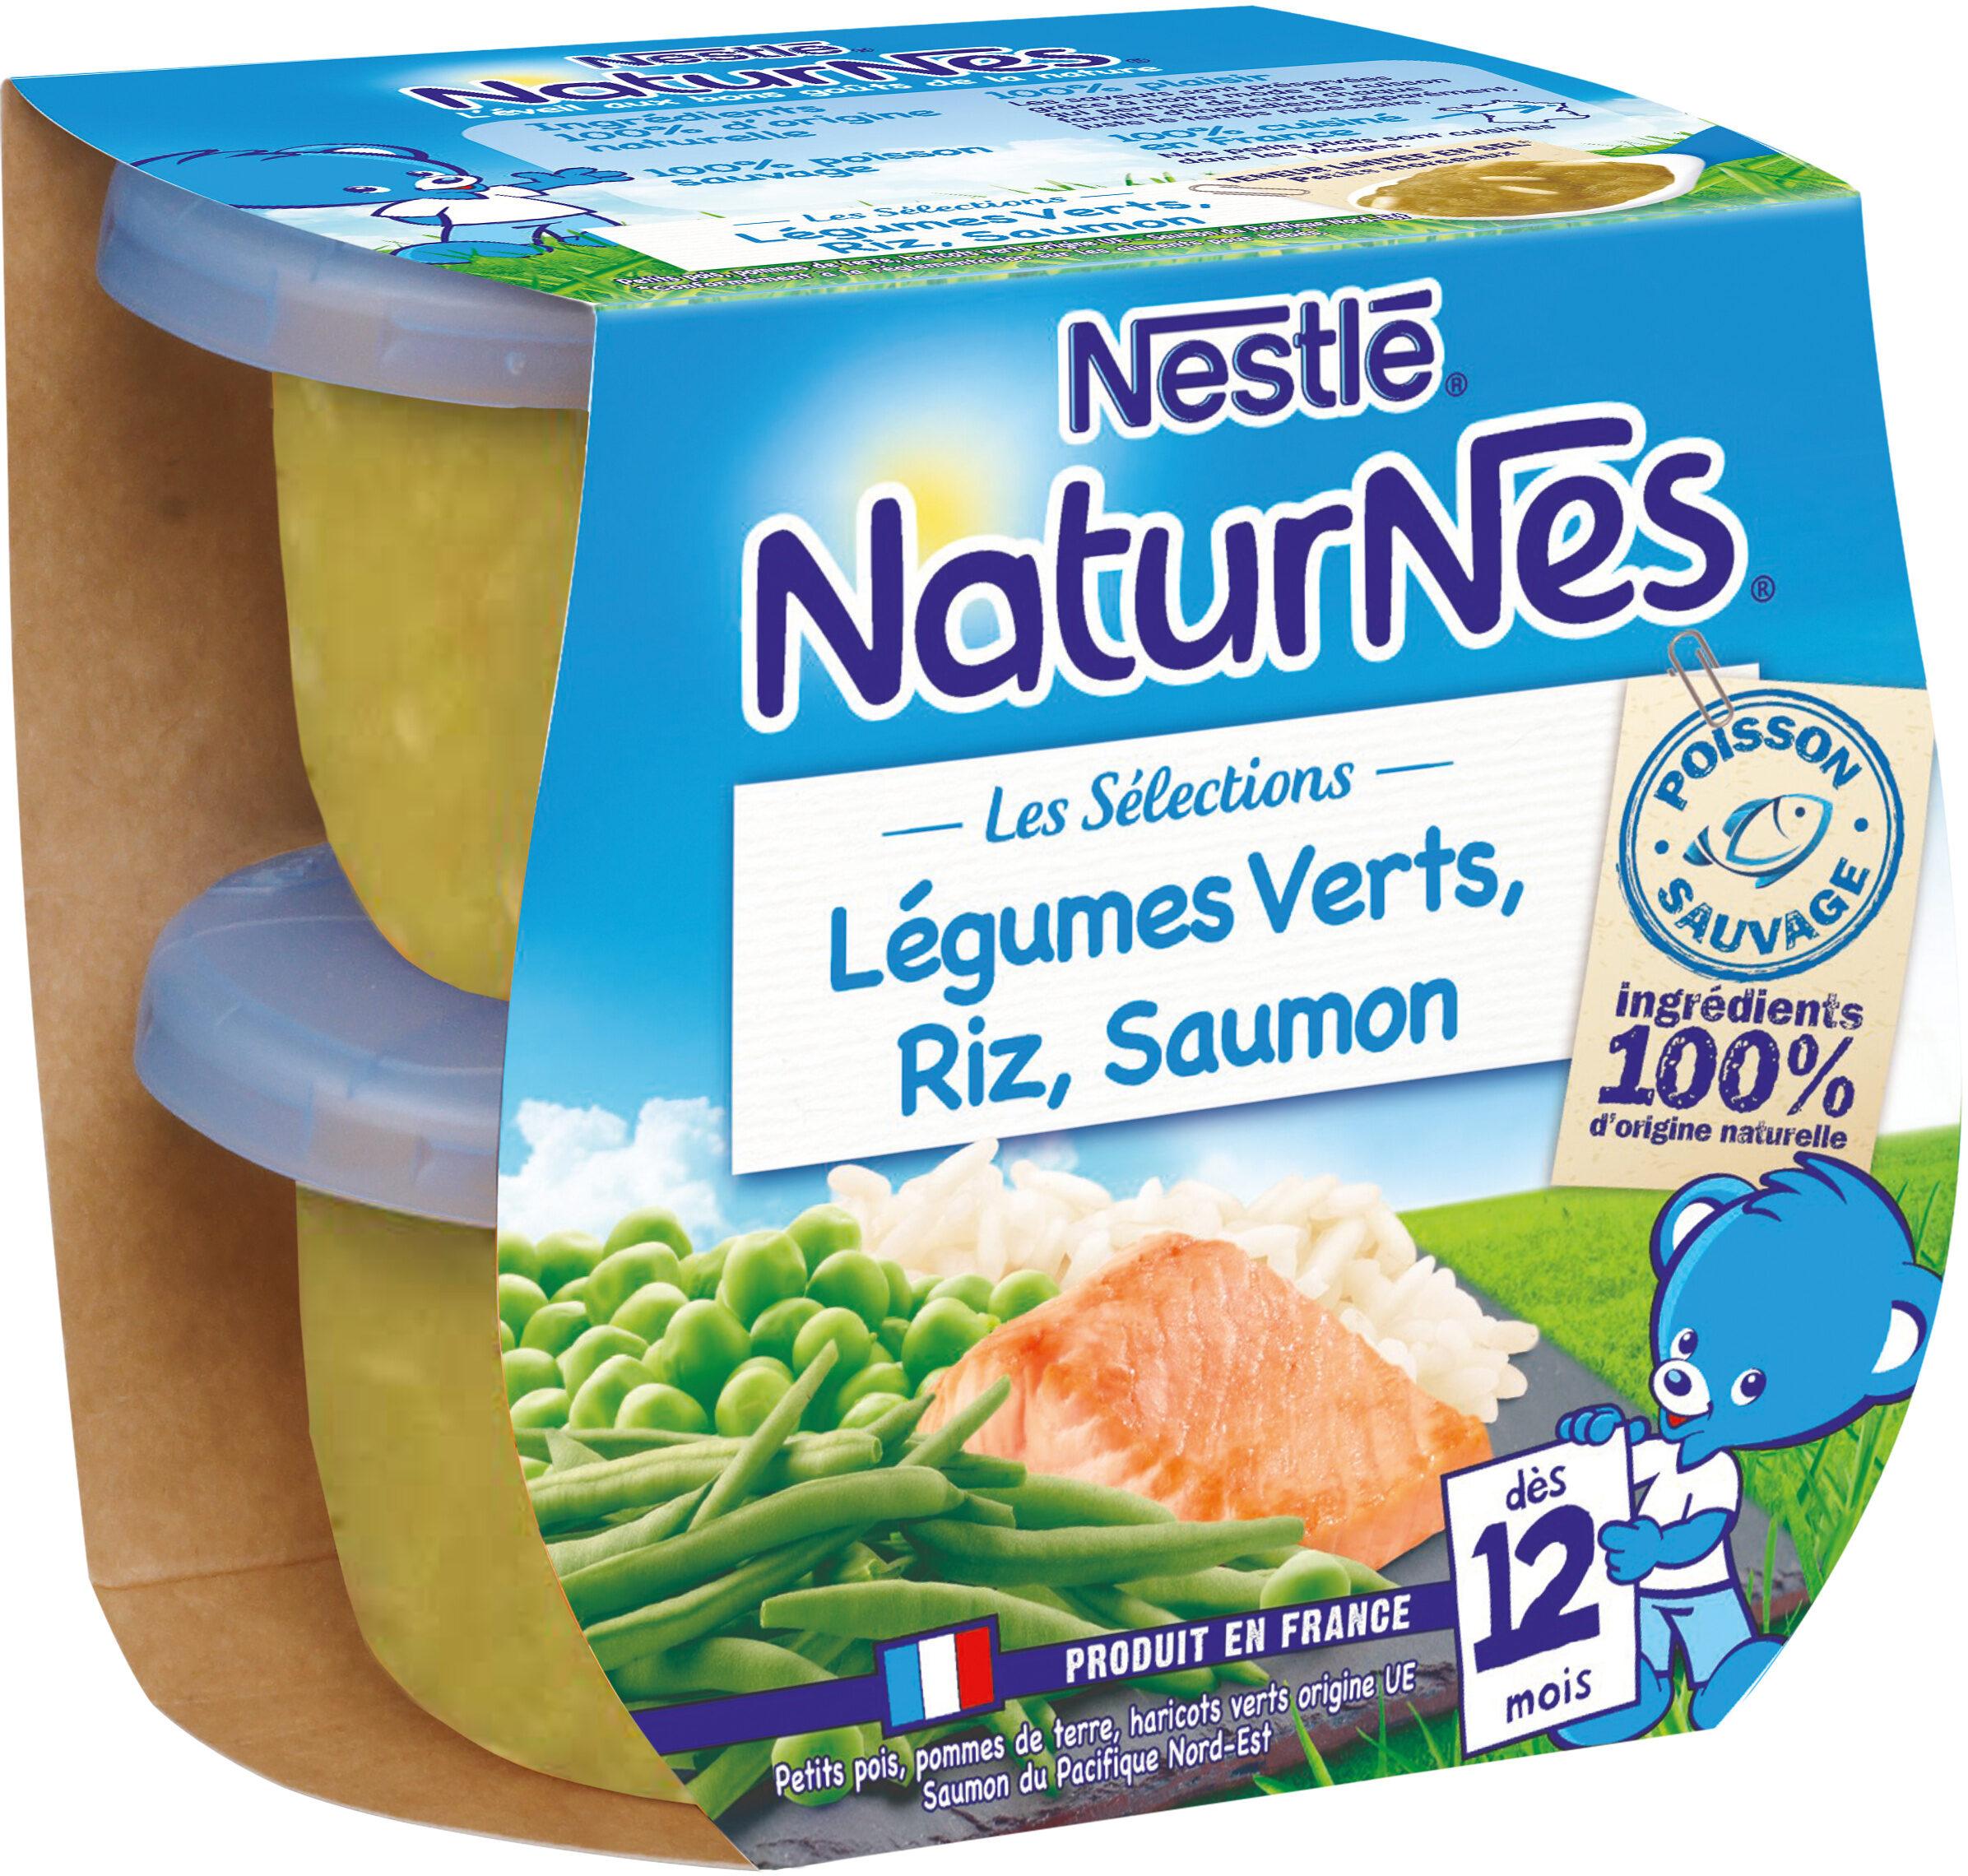 NESTLE NATURNES Les Sélections Petits Pots Bébé Légumes Verts, Riz, Saumon -2x200g -Dès 12 mois - Produit - fr